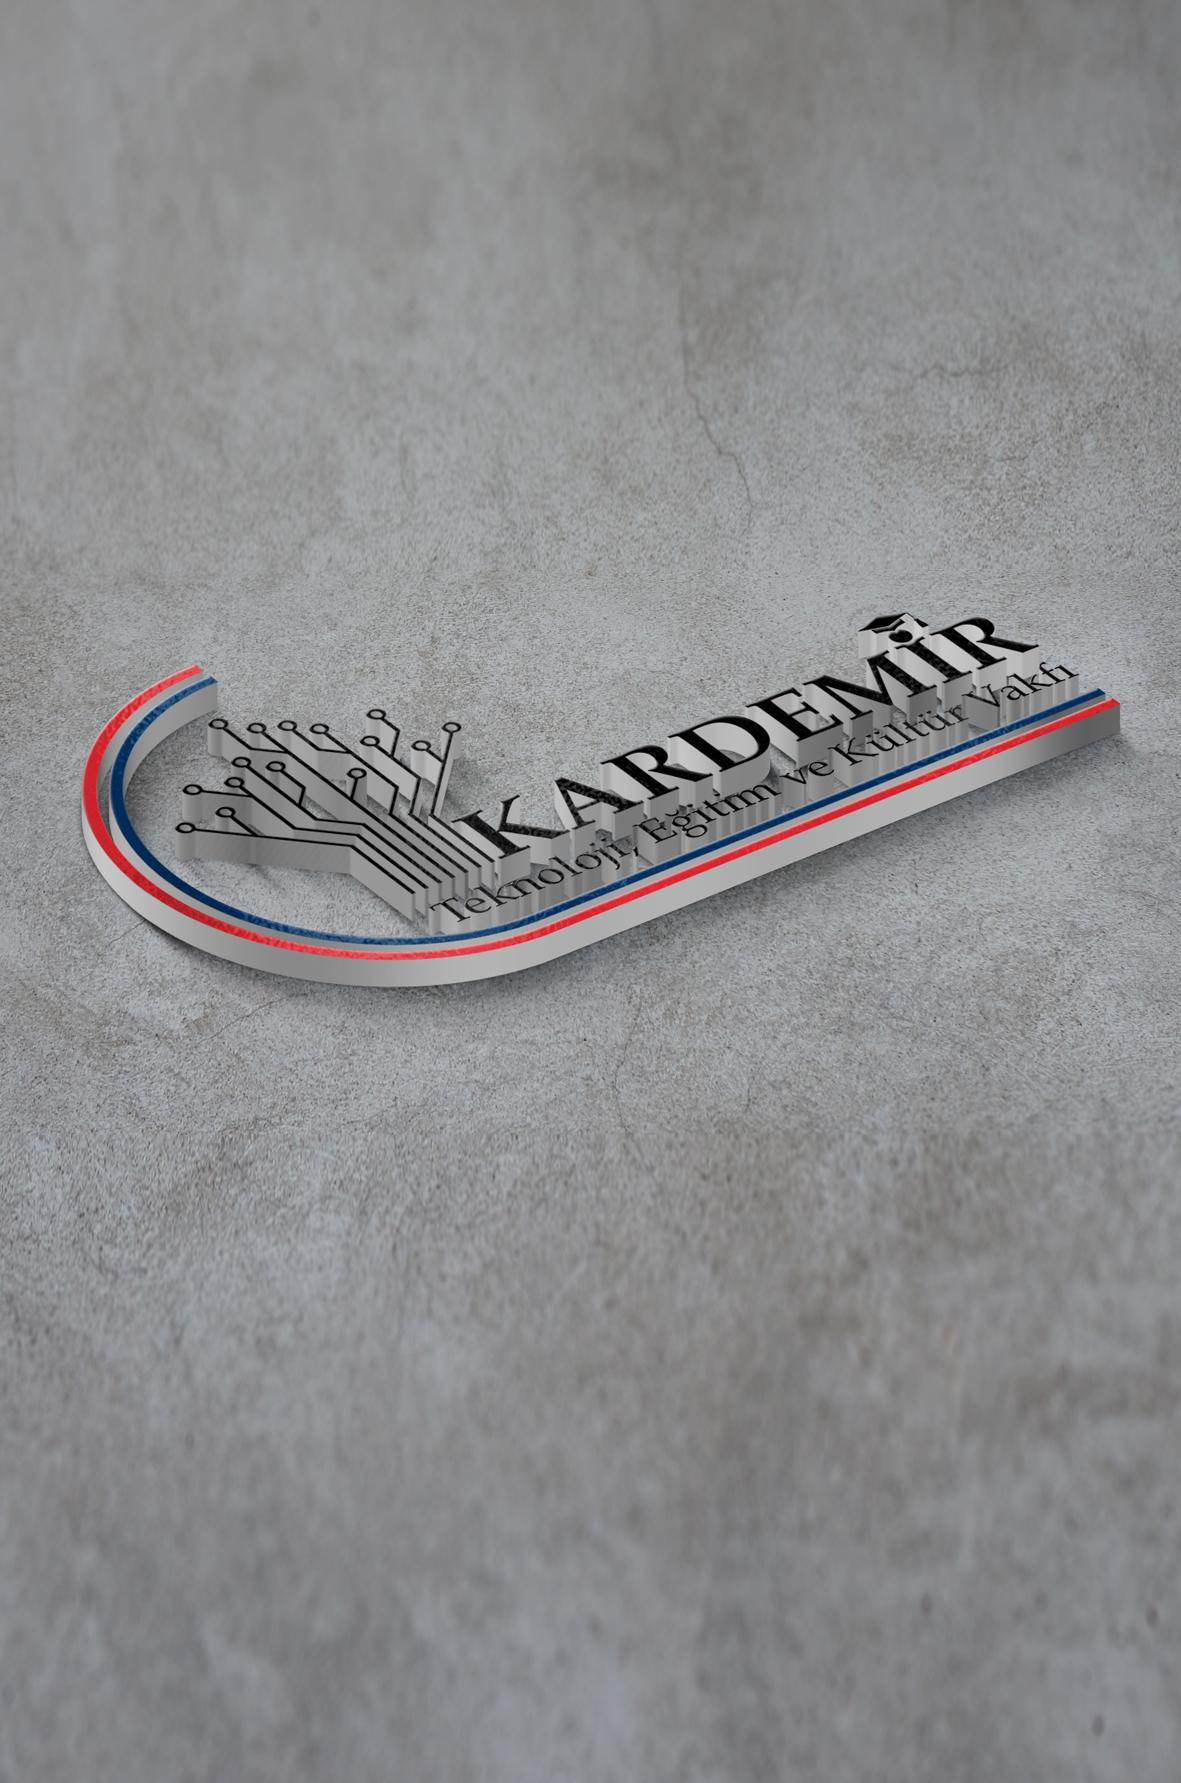 kardemir-vakfı-karabuk-demir-ve-celik-hakkımızda-logo1